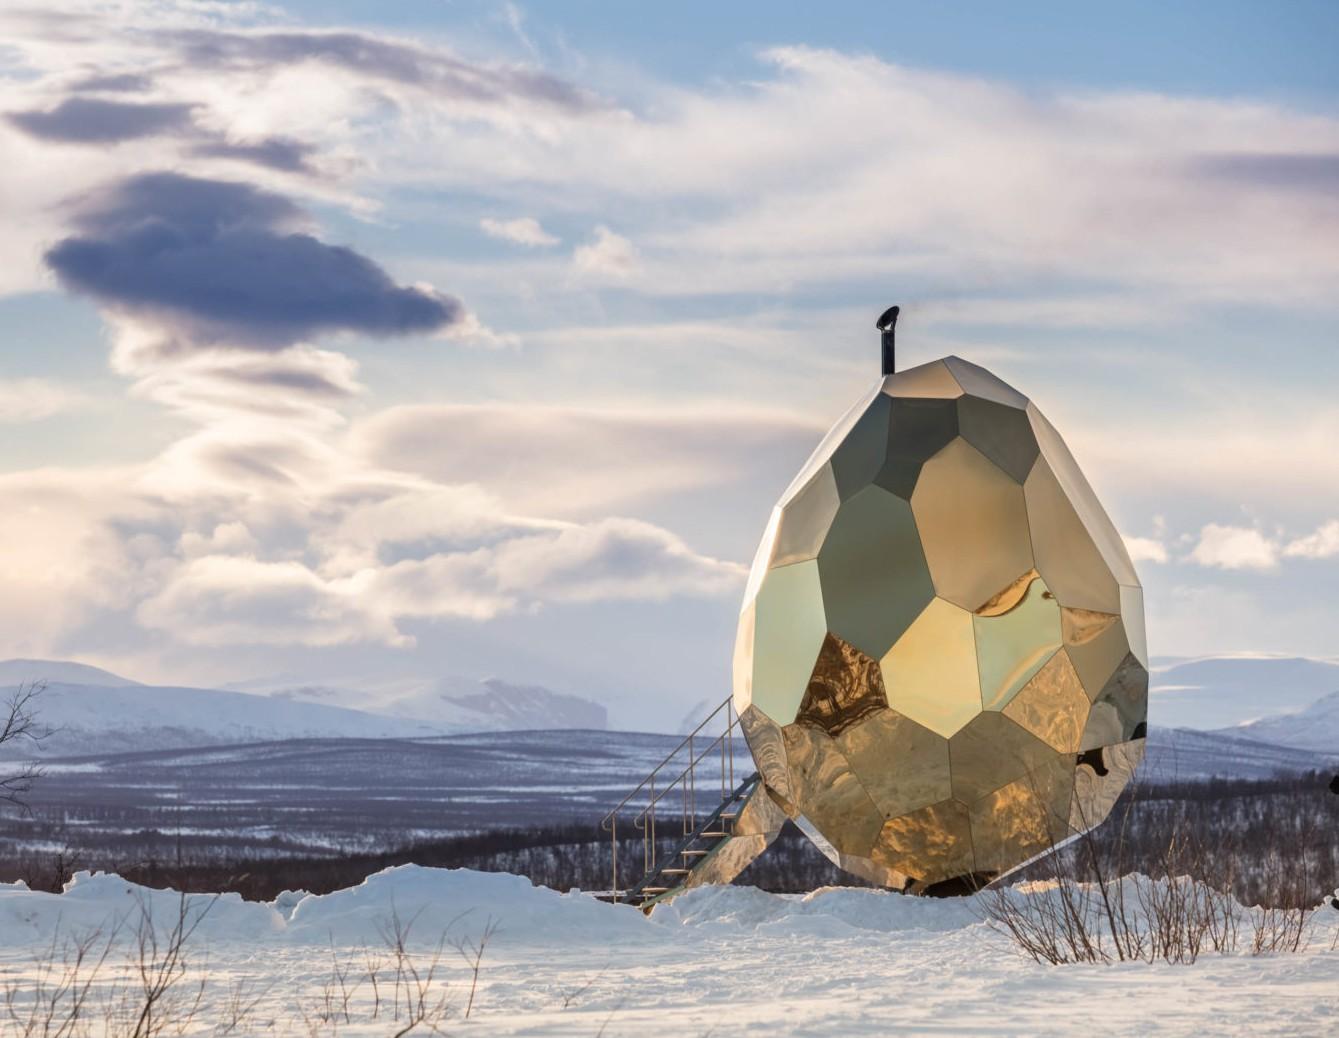 Savna v obliki jajca je skok v prihodnost in skandinavska genialnost